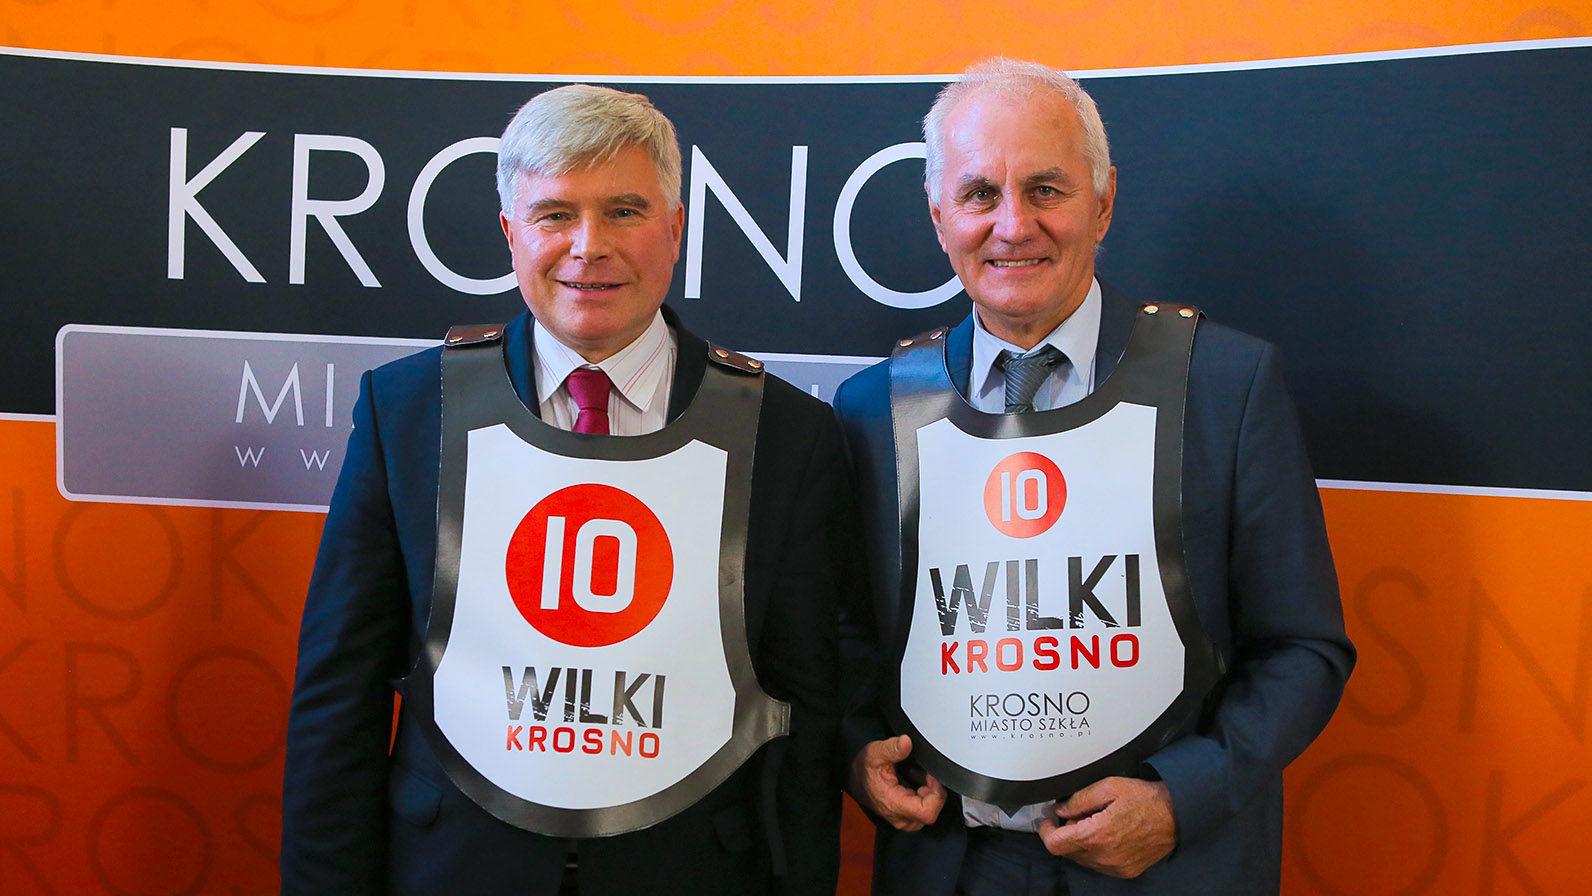 – Razem osiągniemy upragniony cel – prezydent Piotr Przytocki o idei Wilków Krosno [Wideo]